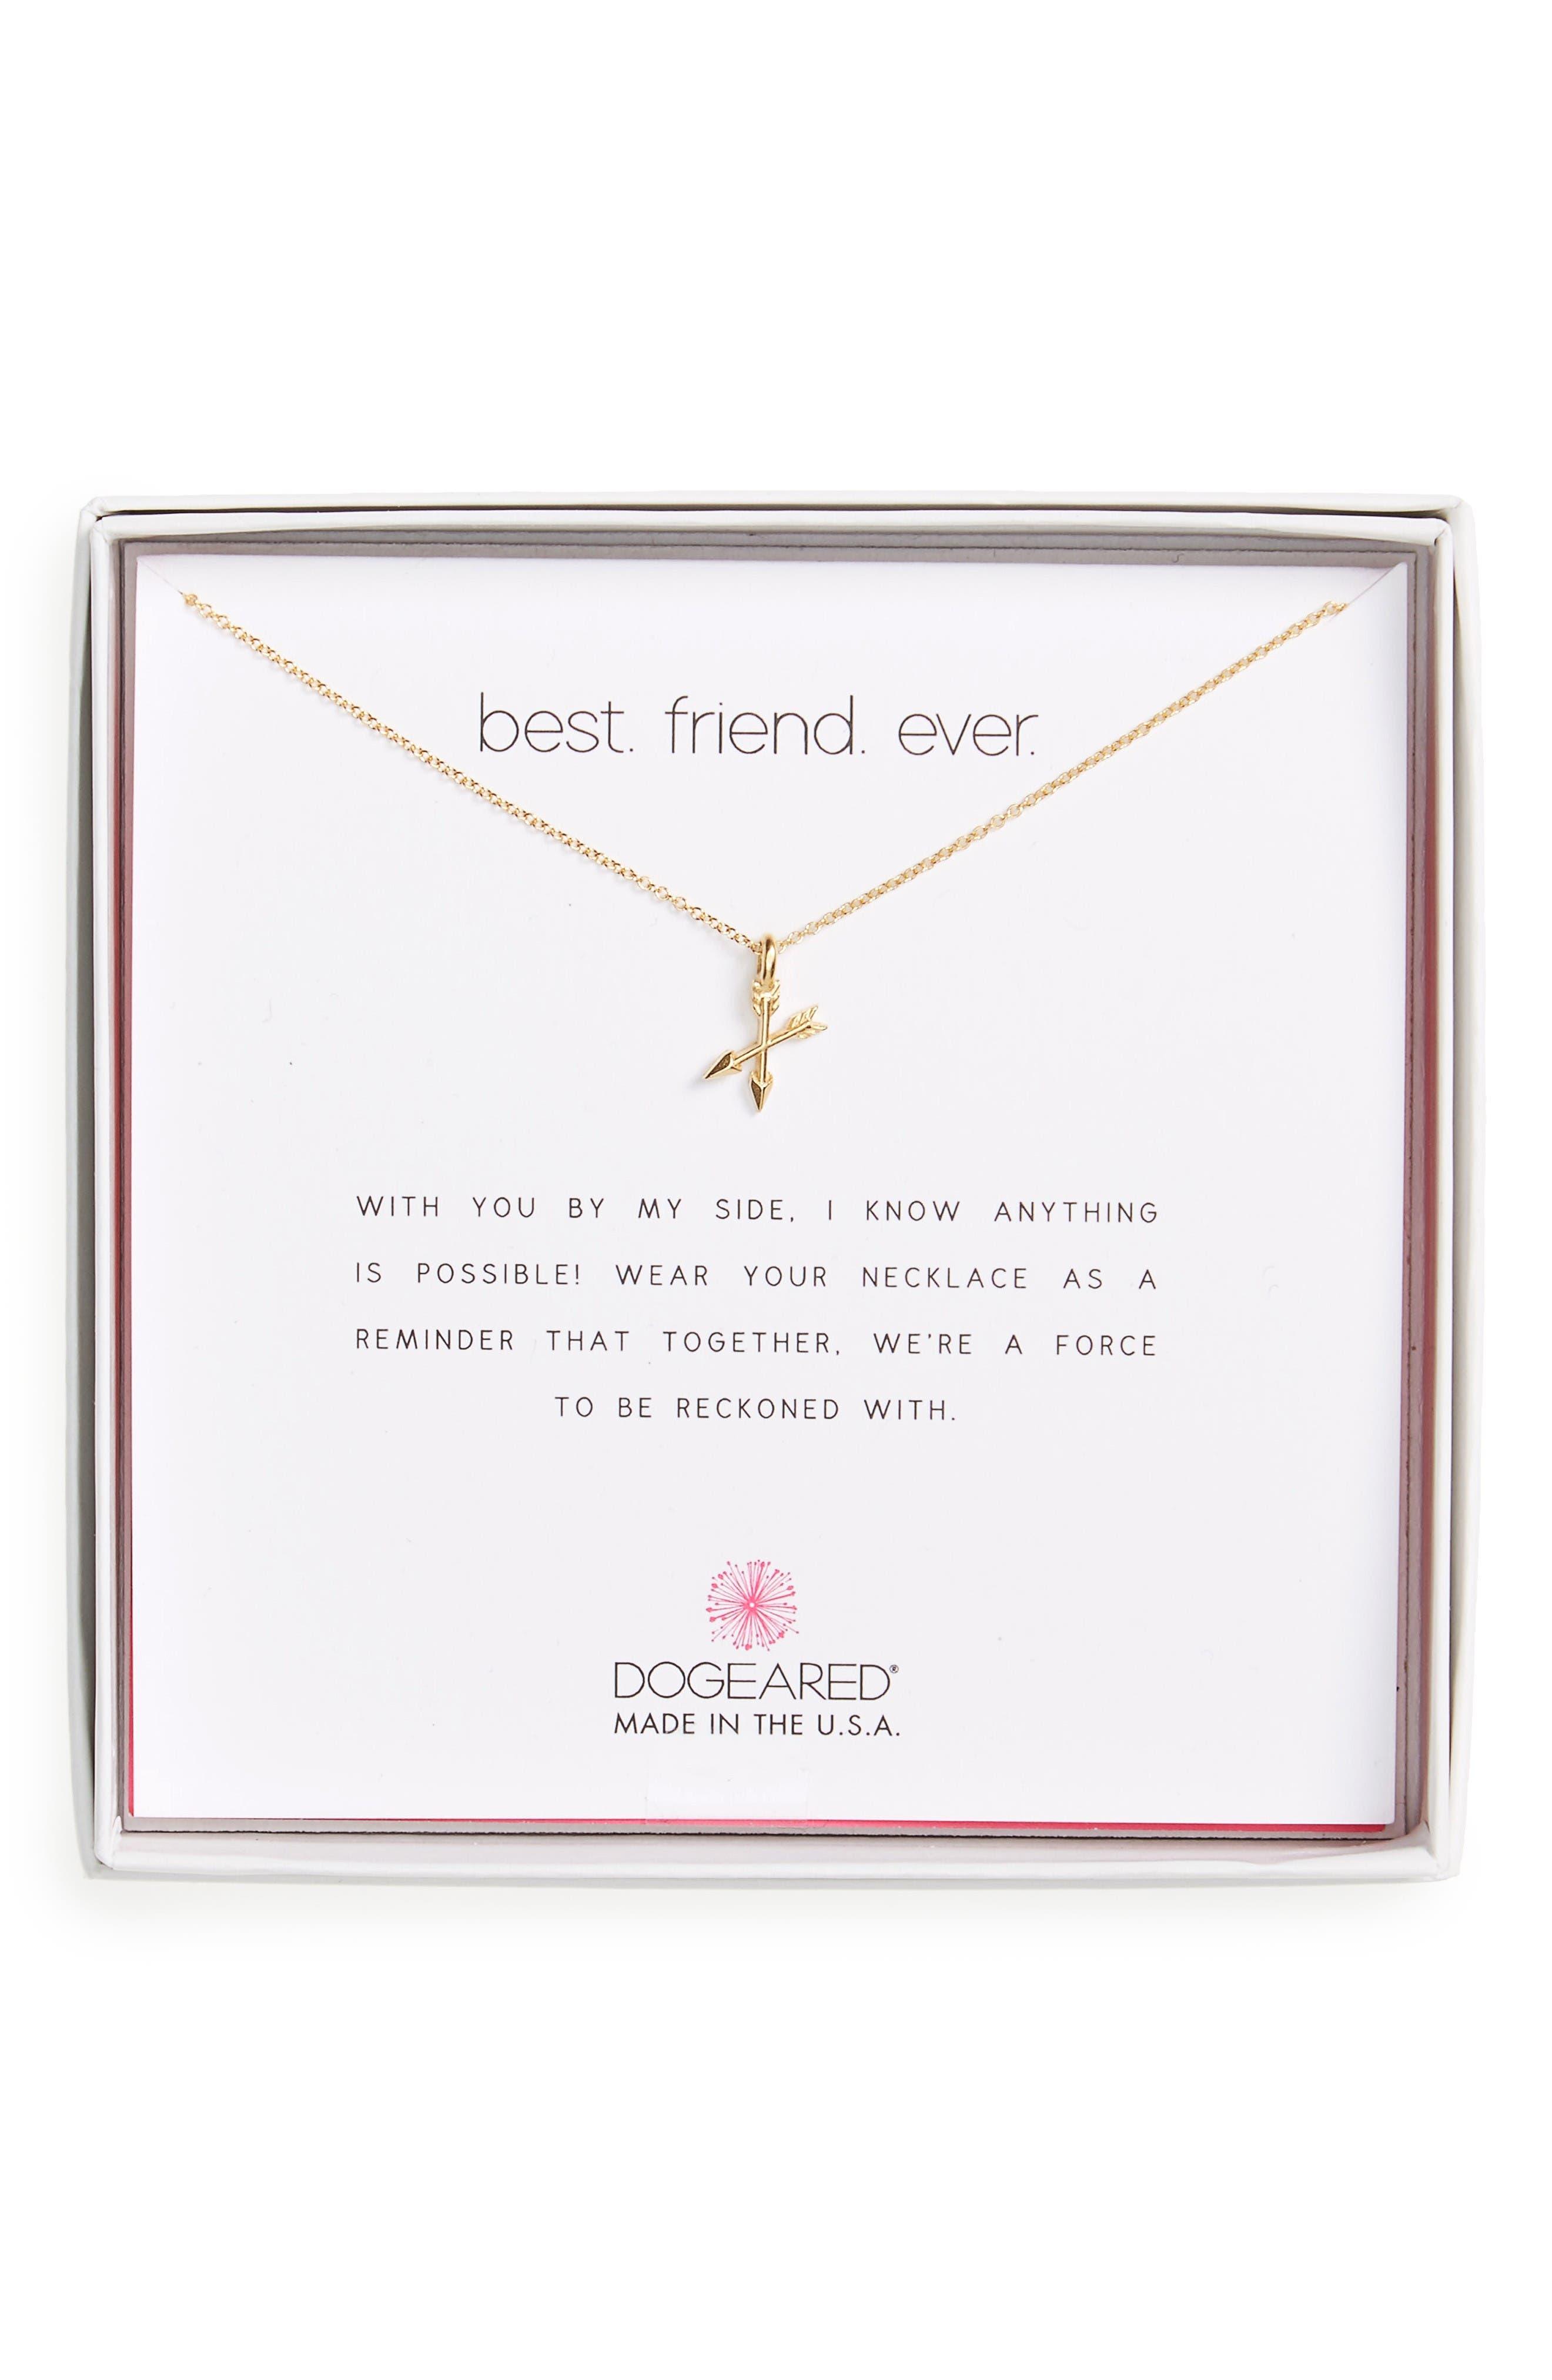 Best Friend Ever Pendant Necklace,                         Main,                         color, Gold